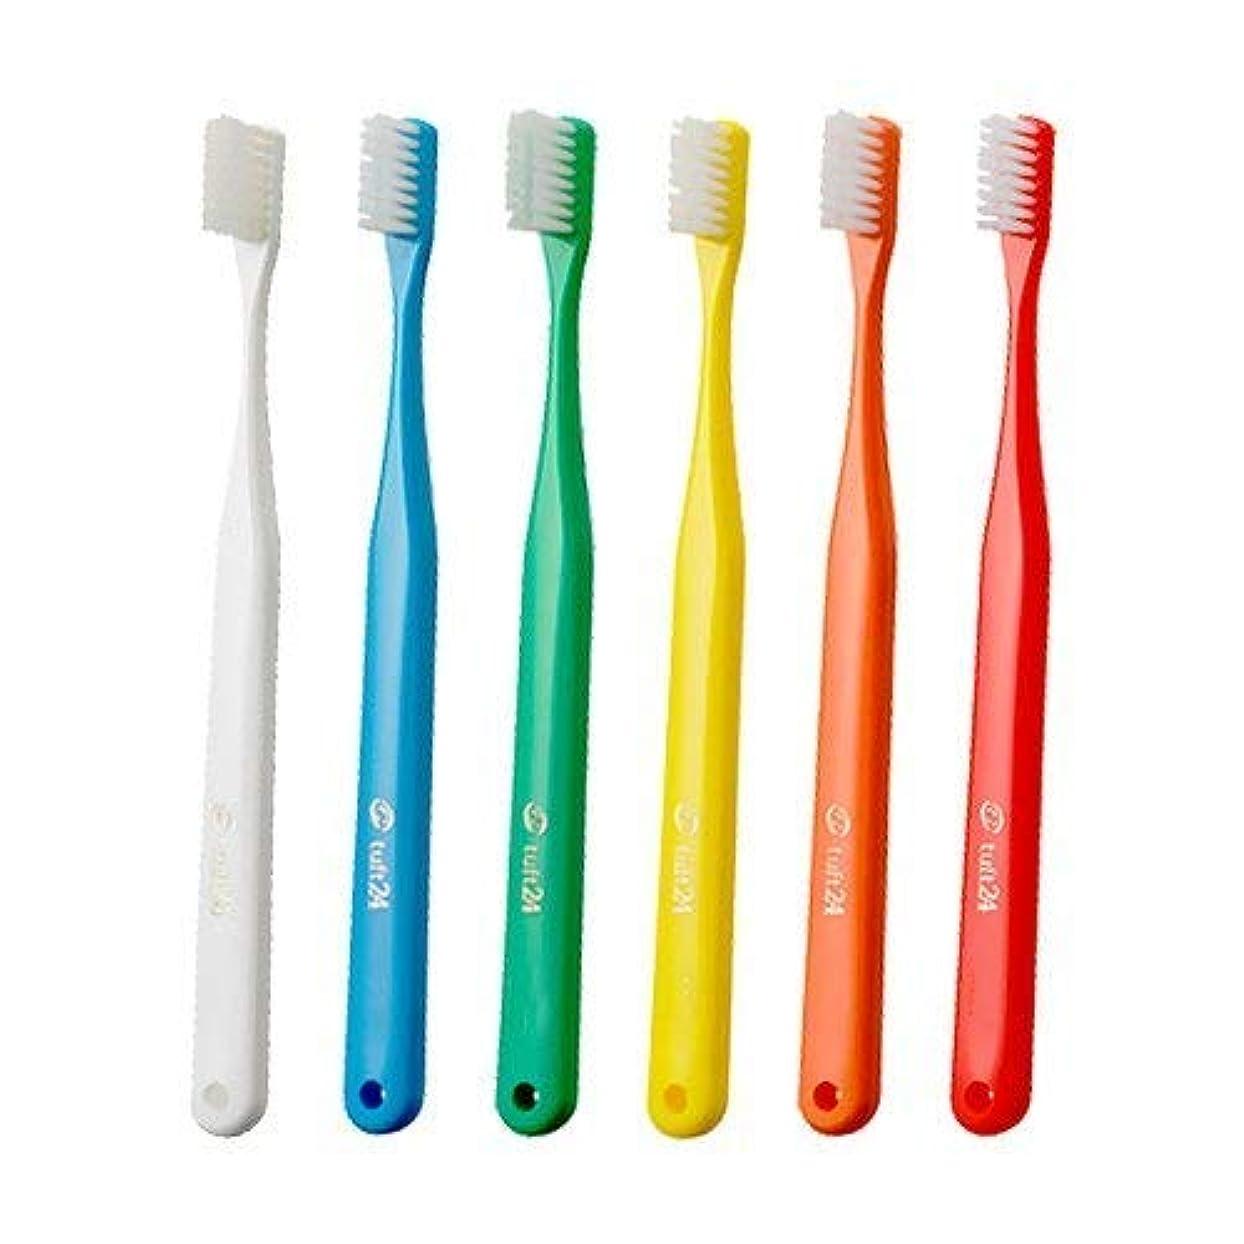 したがってジョブ誠意キャップなし タフト24 歯ブラシ × 25本入 MS アソート